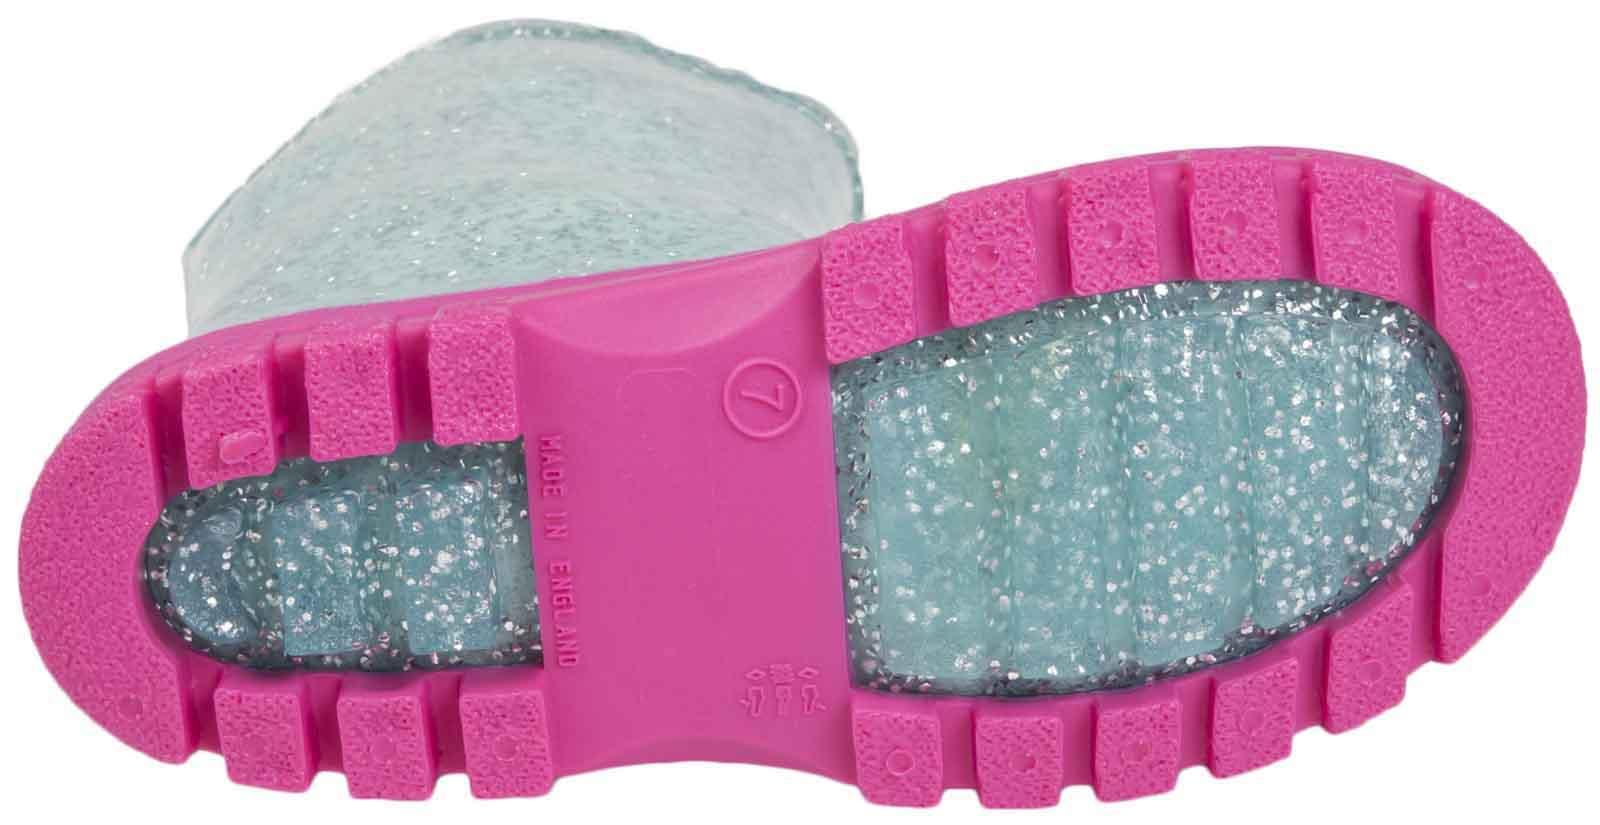 Girls-Peppa-Pig-Wellington-Boots-Mid-Calf-Gitter-Snow-Rain-Wellies-Kids-Size Indexbild 10